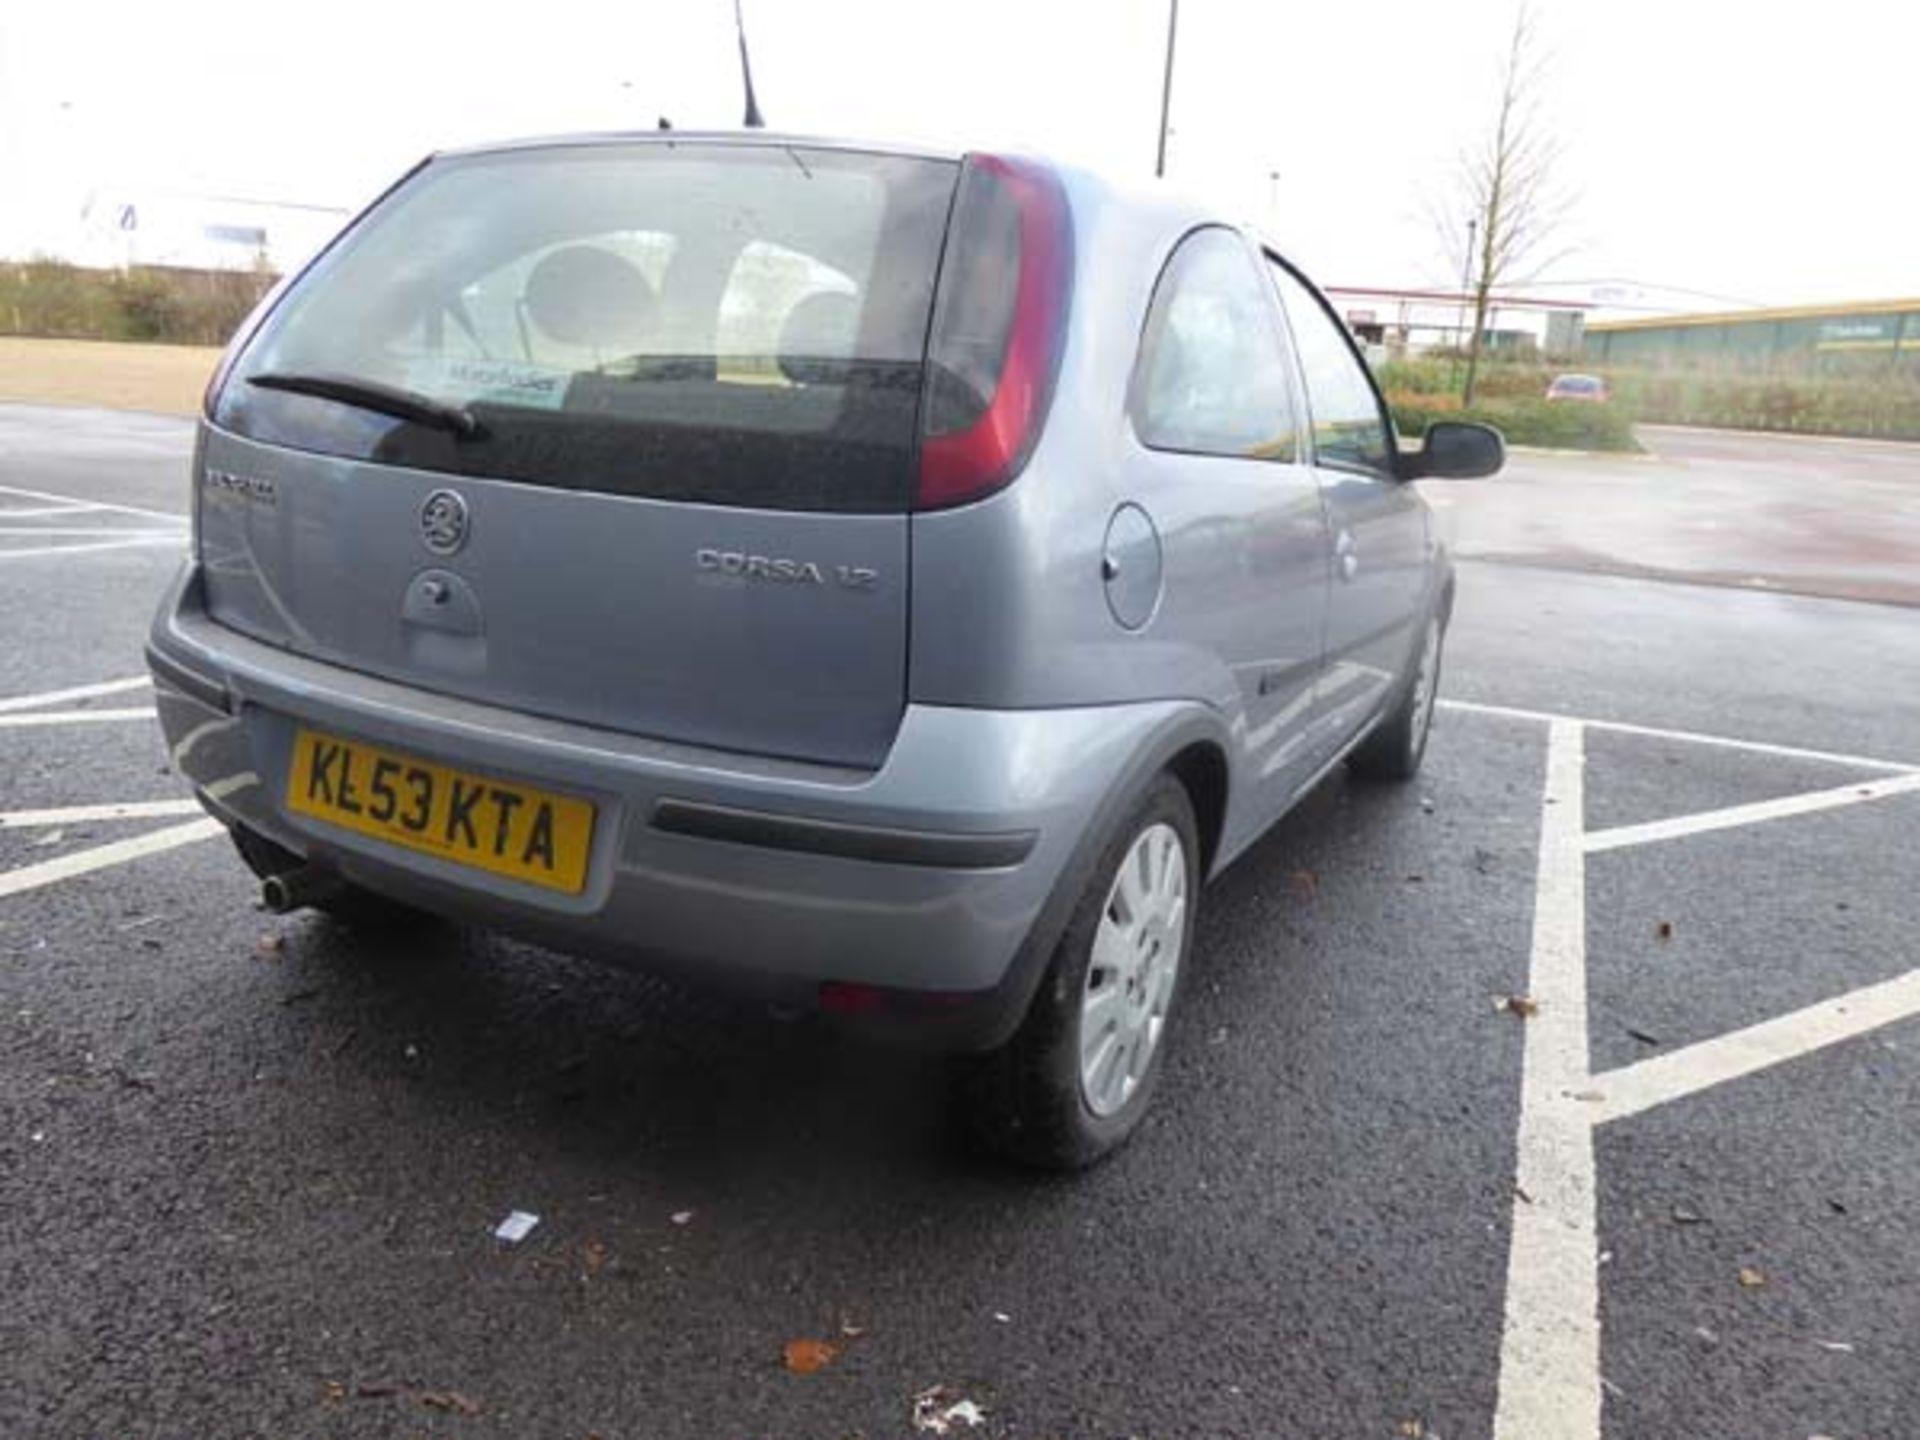 KL53 KTA (2003) Vauxhall Corsa Active 16V, 3 door hatchback, 1199cc, petrol, in silver, 39'044 - Image 4 of 12